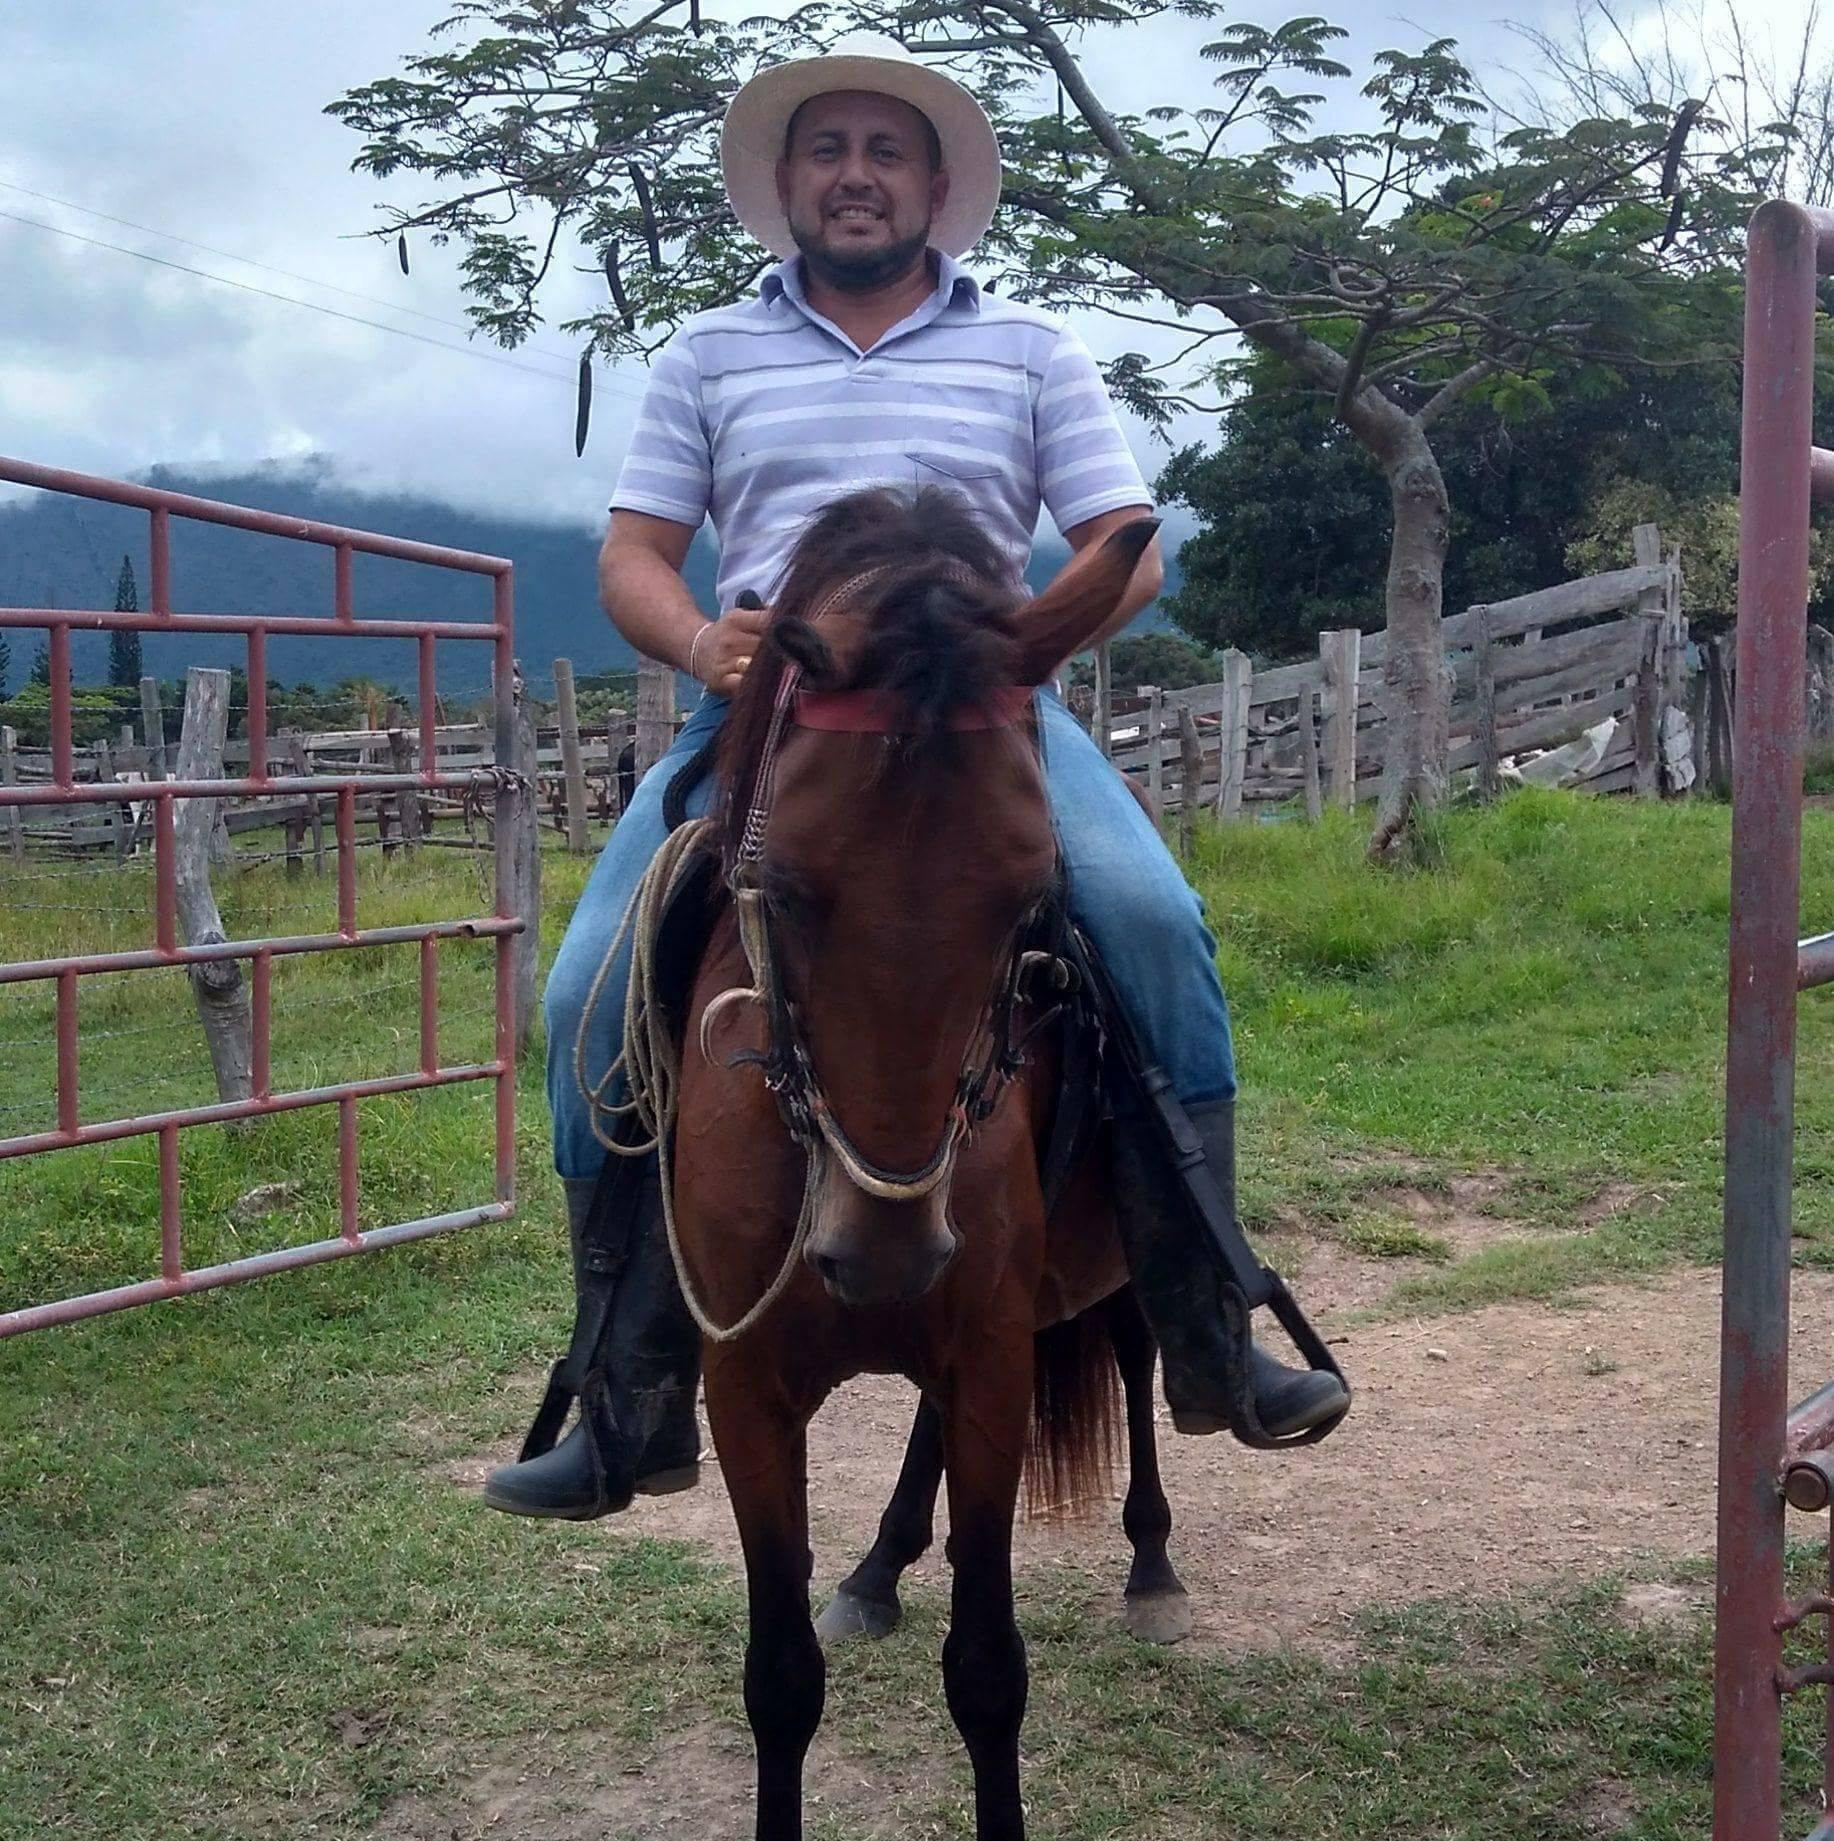 Del hoy occiso se conoció que fue comerciante pues tenía un reconocido restaurante en el municipio de Algeciras llamado 'Parrilla Bar El Mirador', también dedicado a las labores de ganadería.